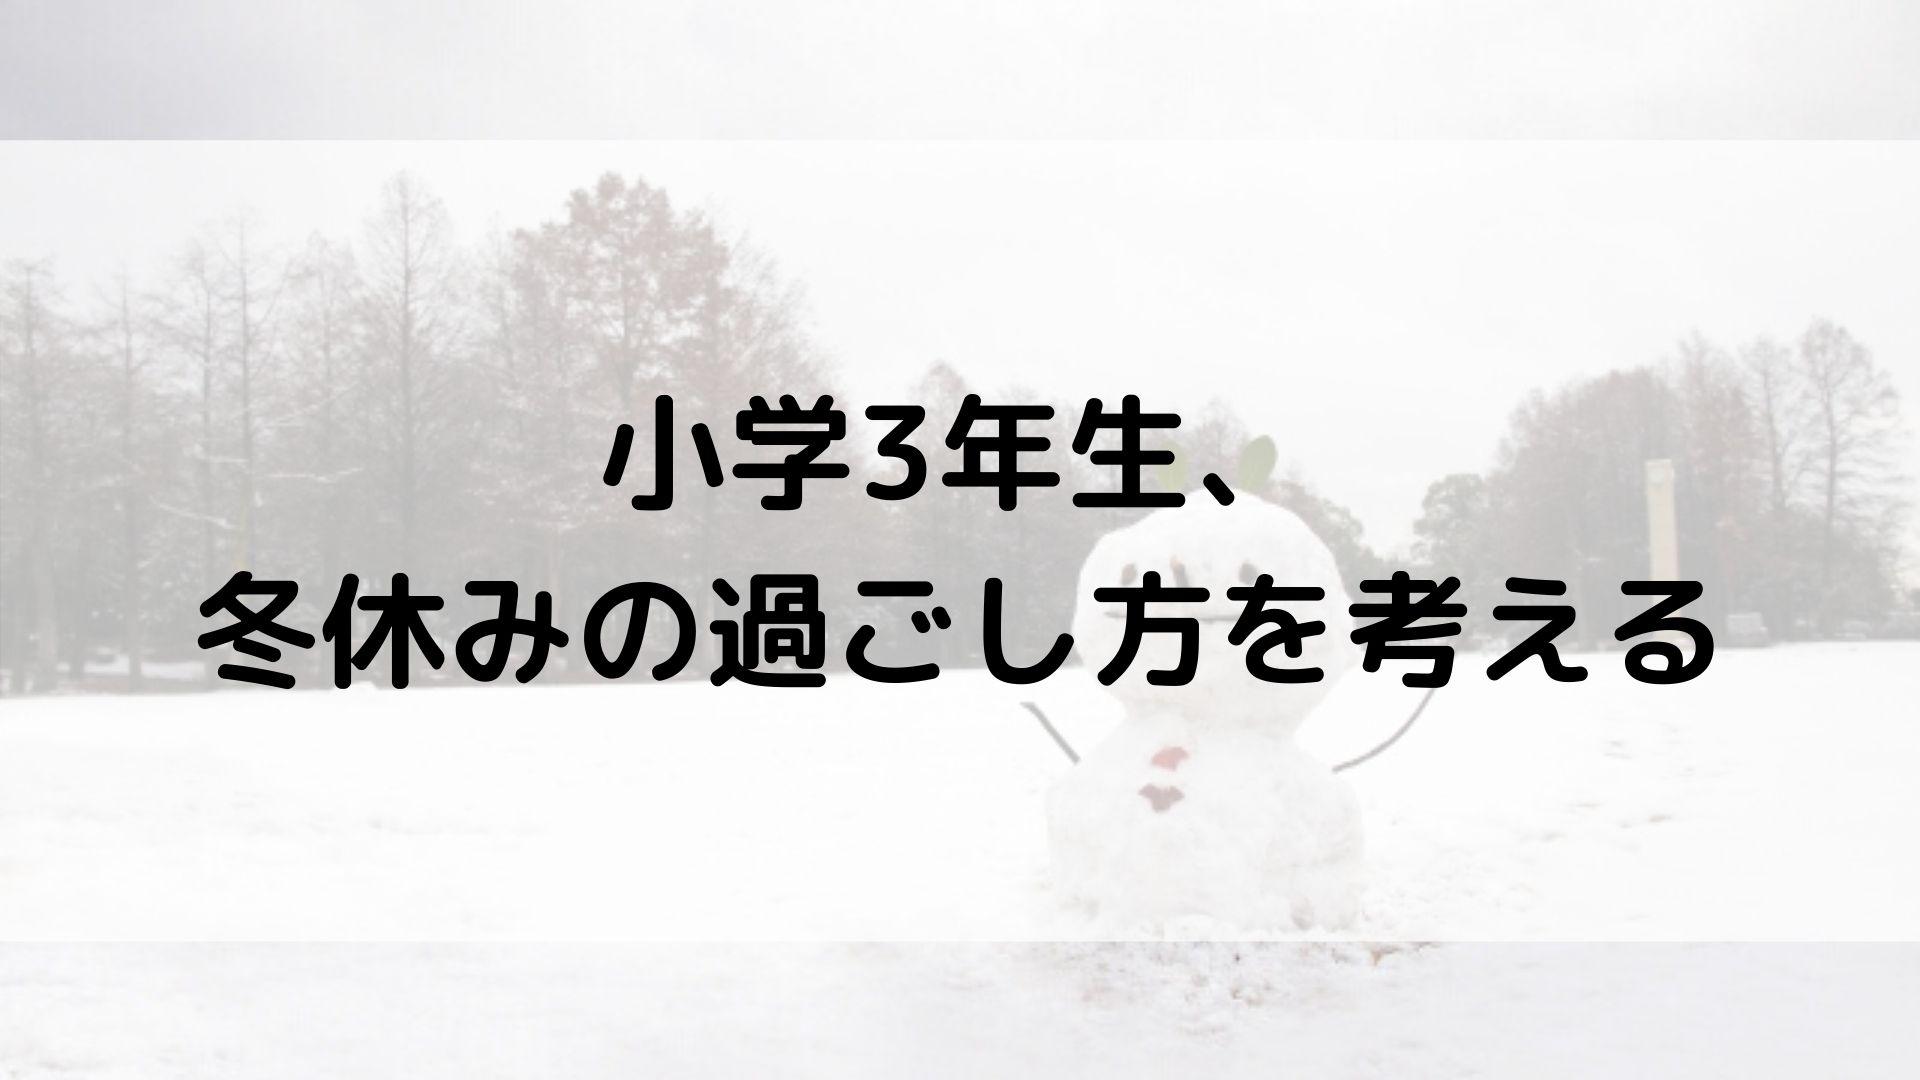 小学3年生 冬休みの過ごし方